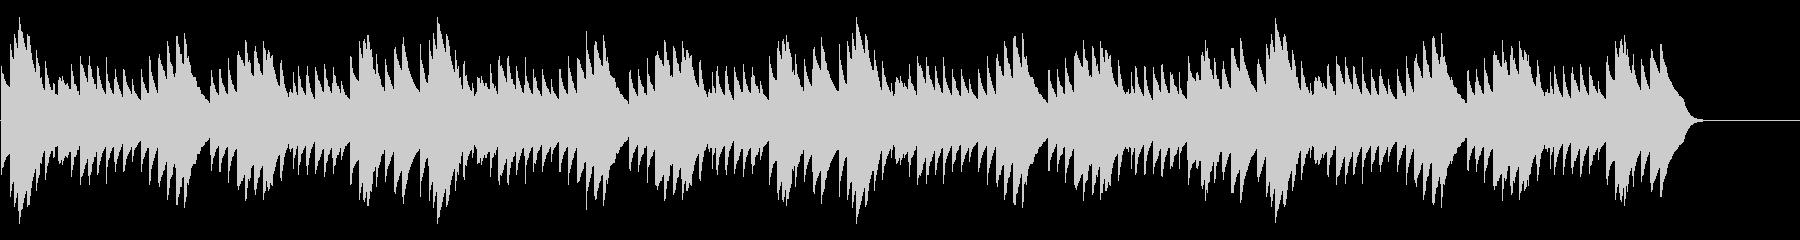 シャボン玉・速い 24bit44kHzの未再生の波形